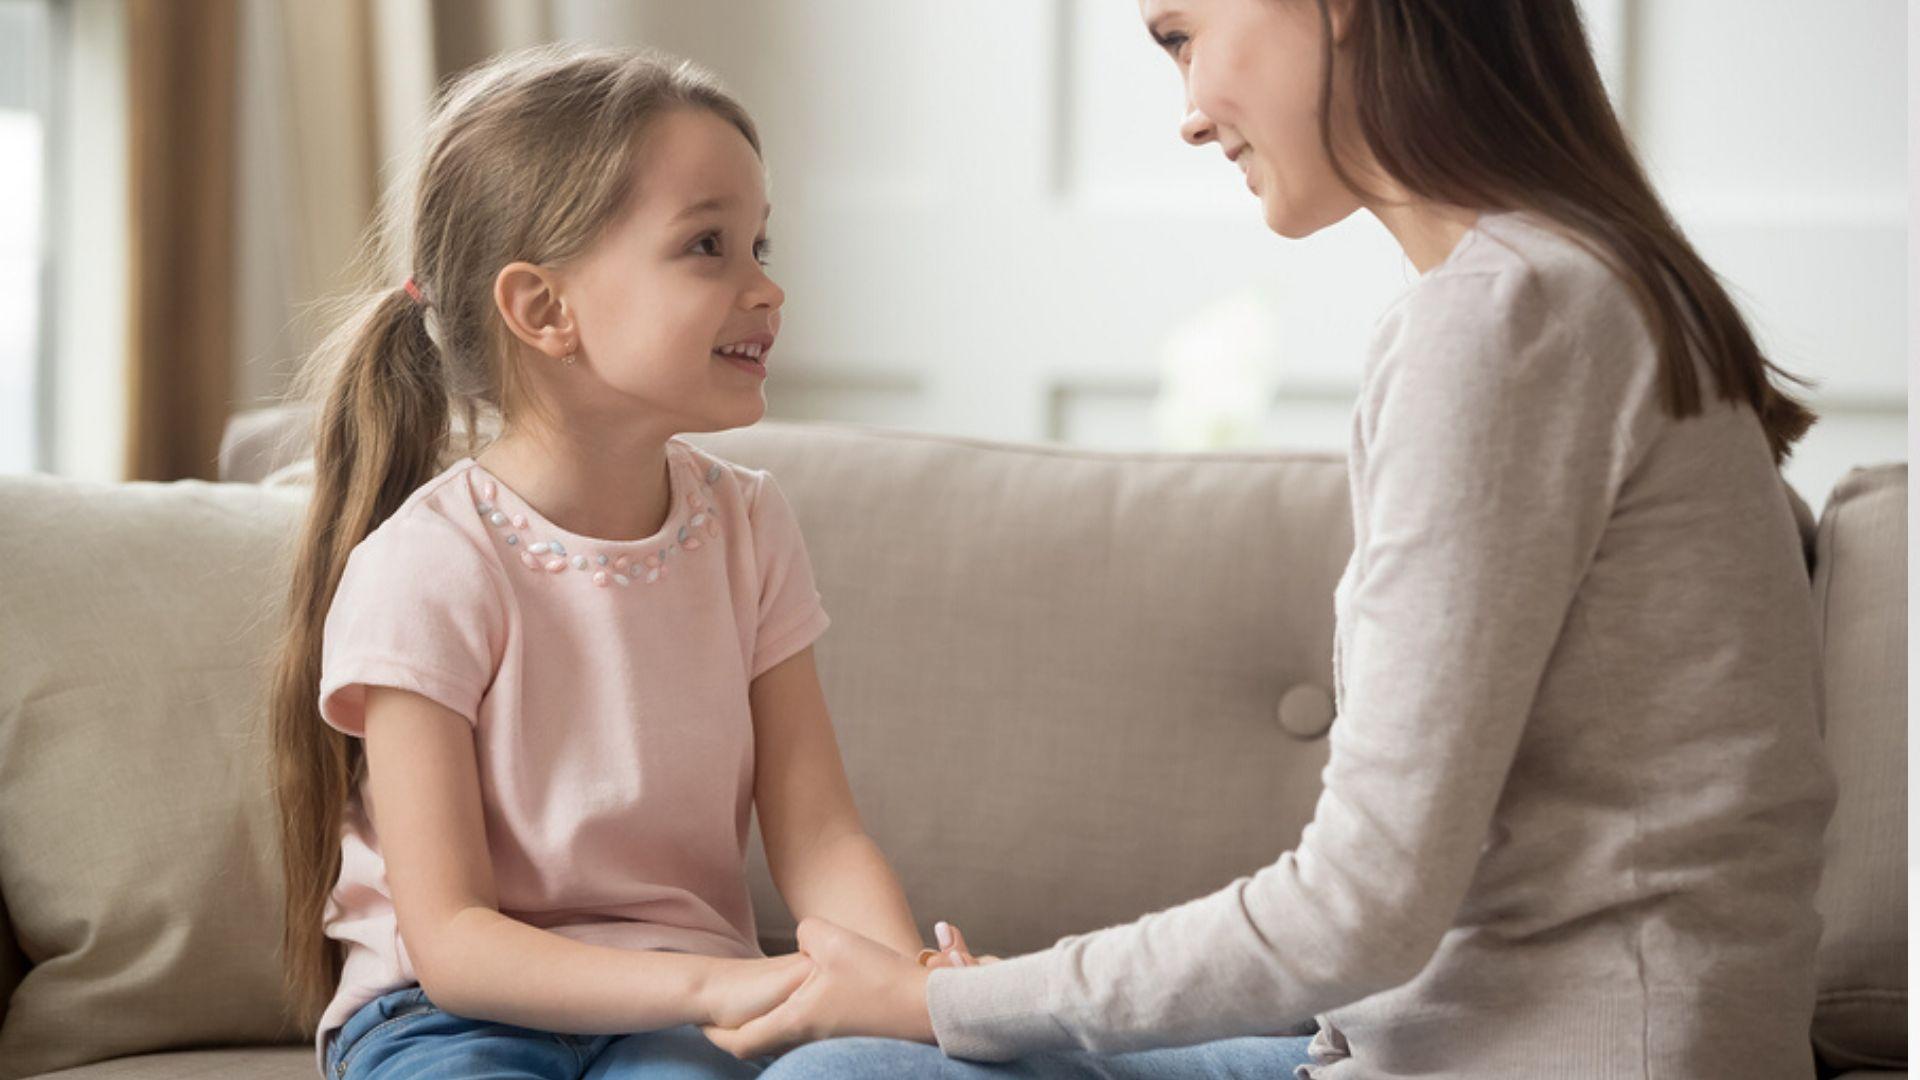 Psychotherapeutin verrät: Mit diesen 22 Fragen lernen Sie Ihr Kind besser kennen